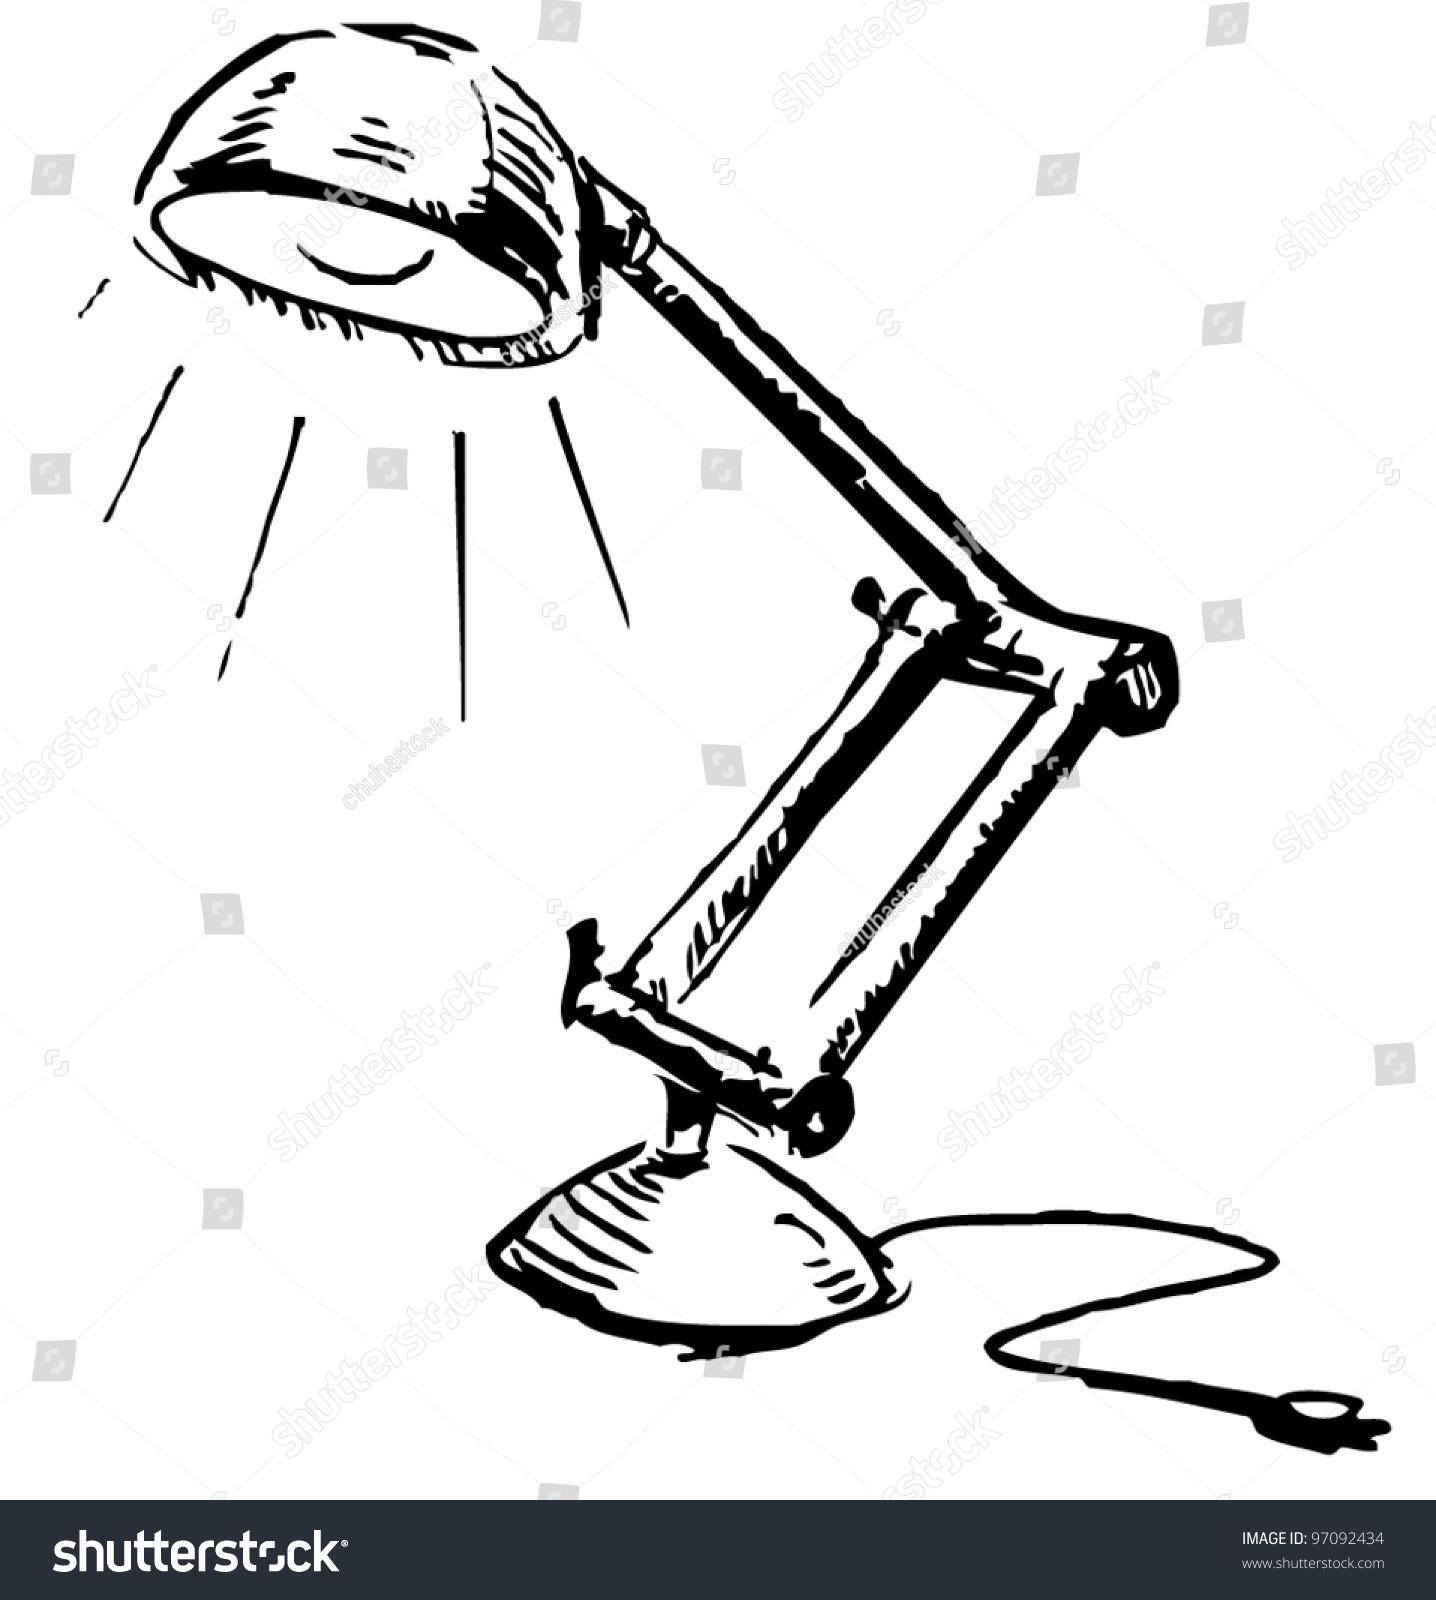 Table lamp adjustable - Adjustable Table Lamp Sketch Vector Illustration